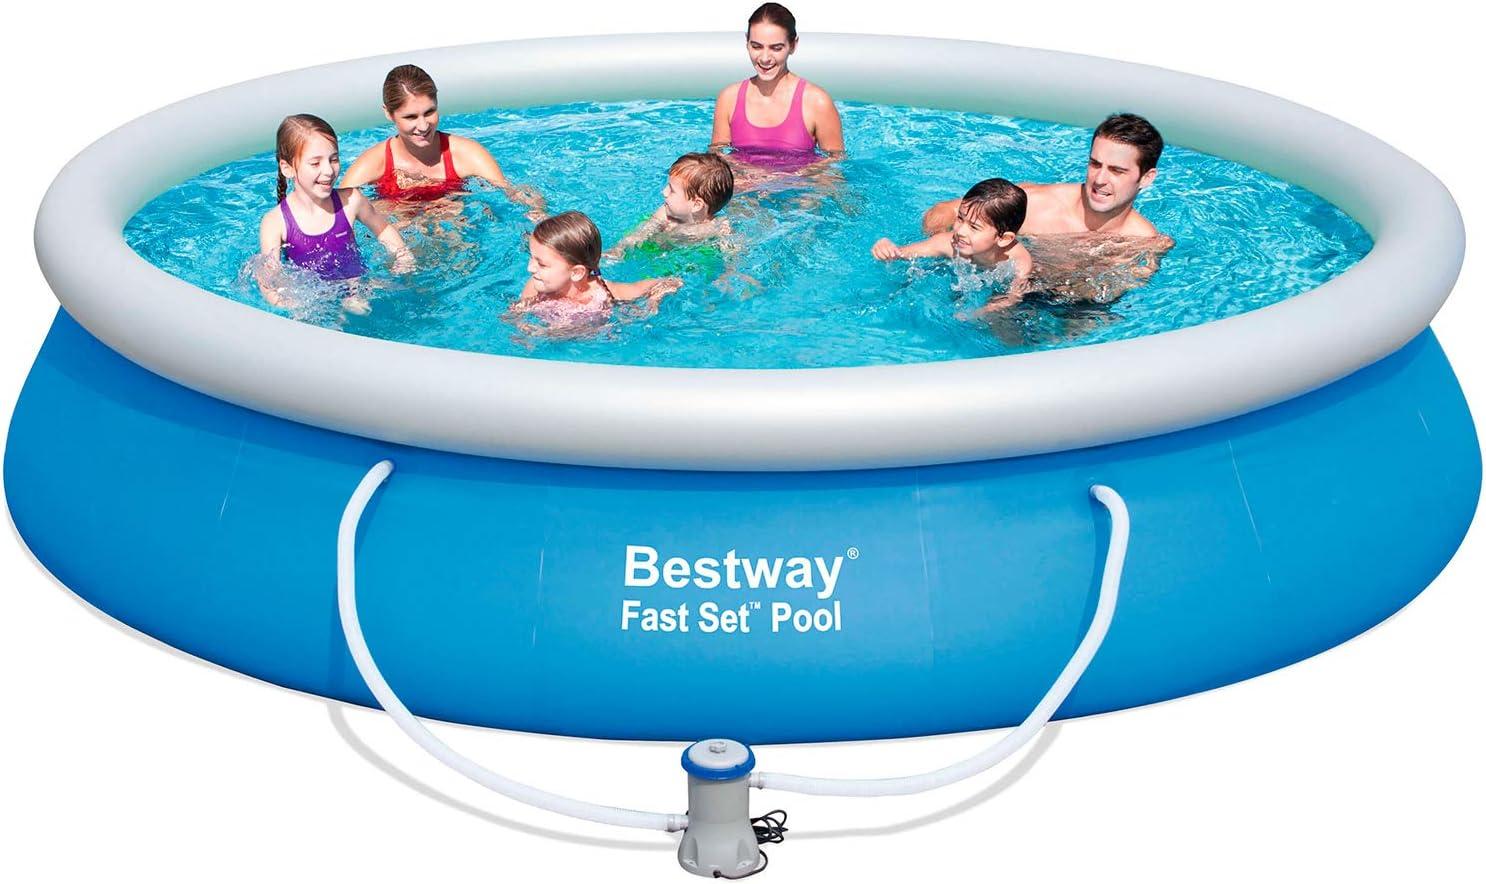 Bestway 57245 - Piscina Desmontable Autoportante Fast Set 427x91 cm Depuradora de Cartucho de 2.006 litros/hora